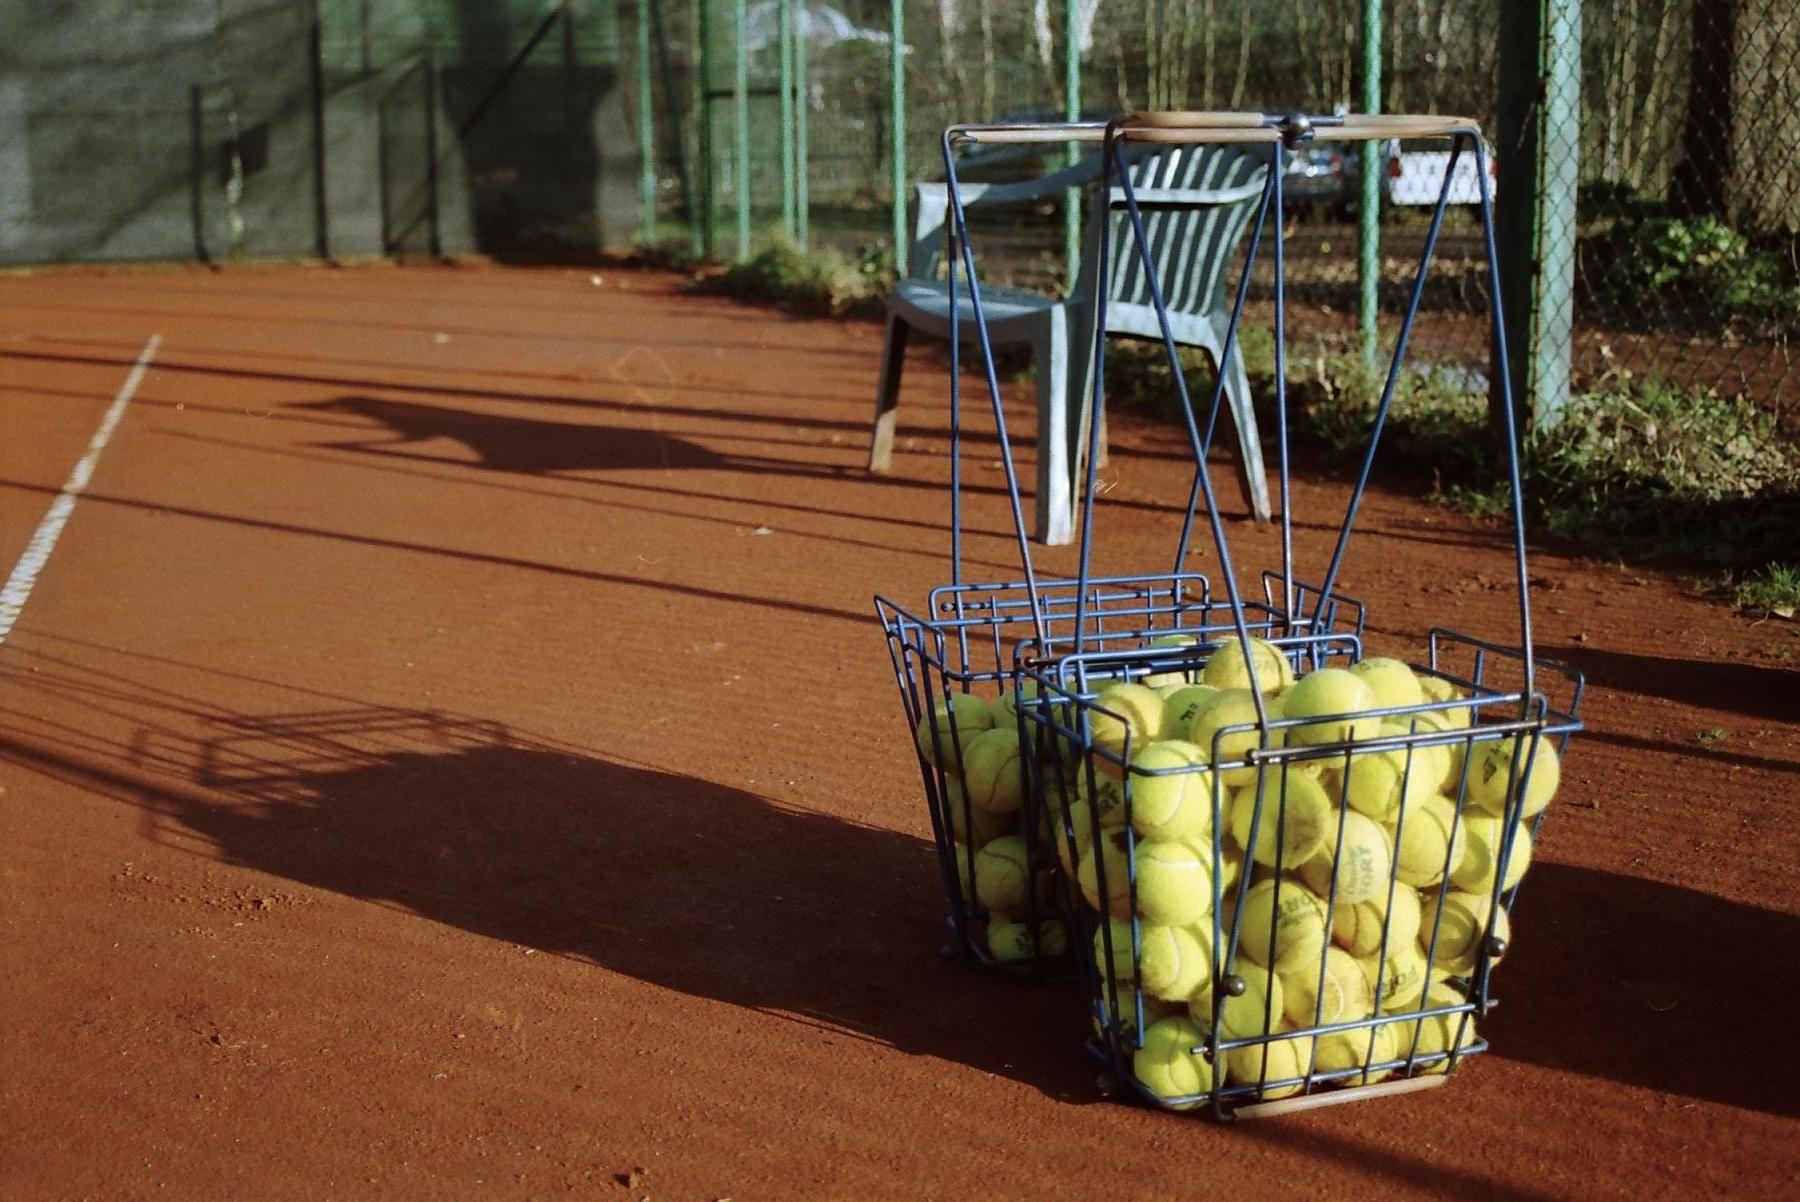 tennis balls Tennis camp, Kids tennis, Event